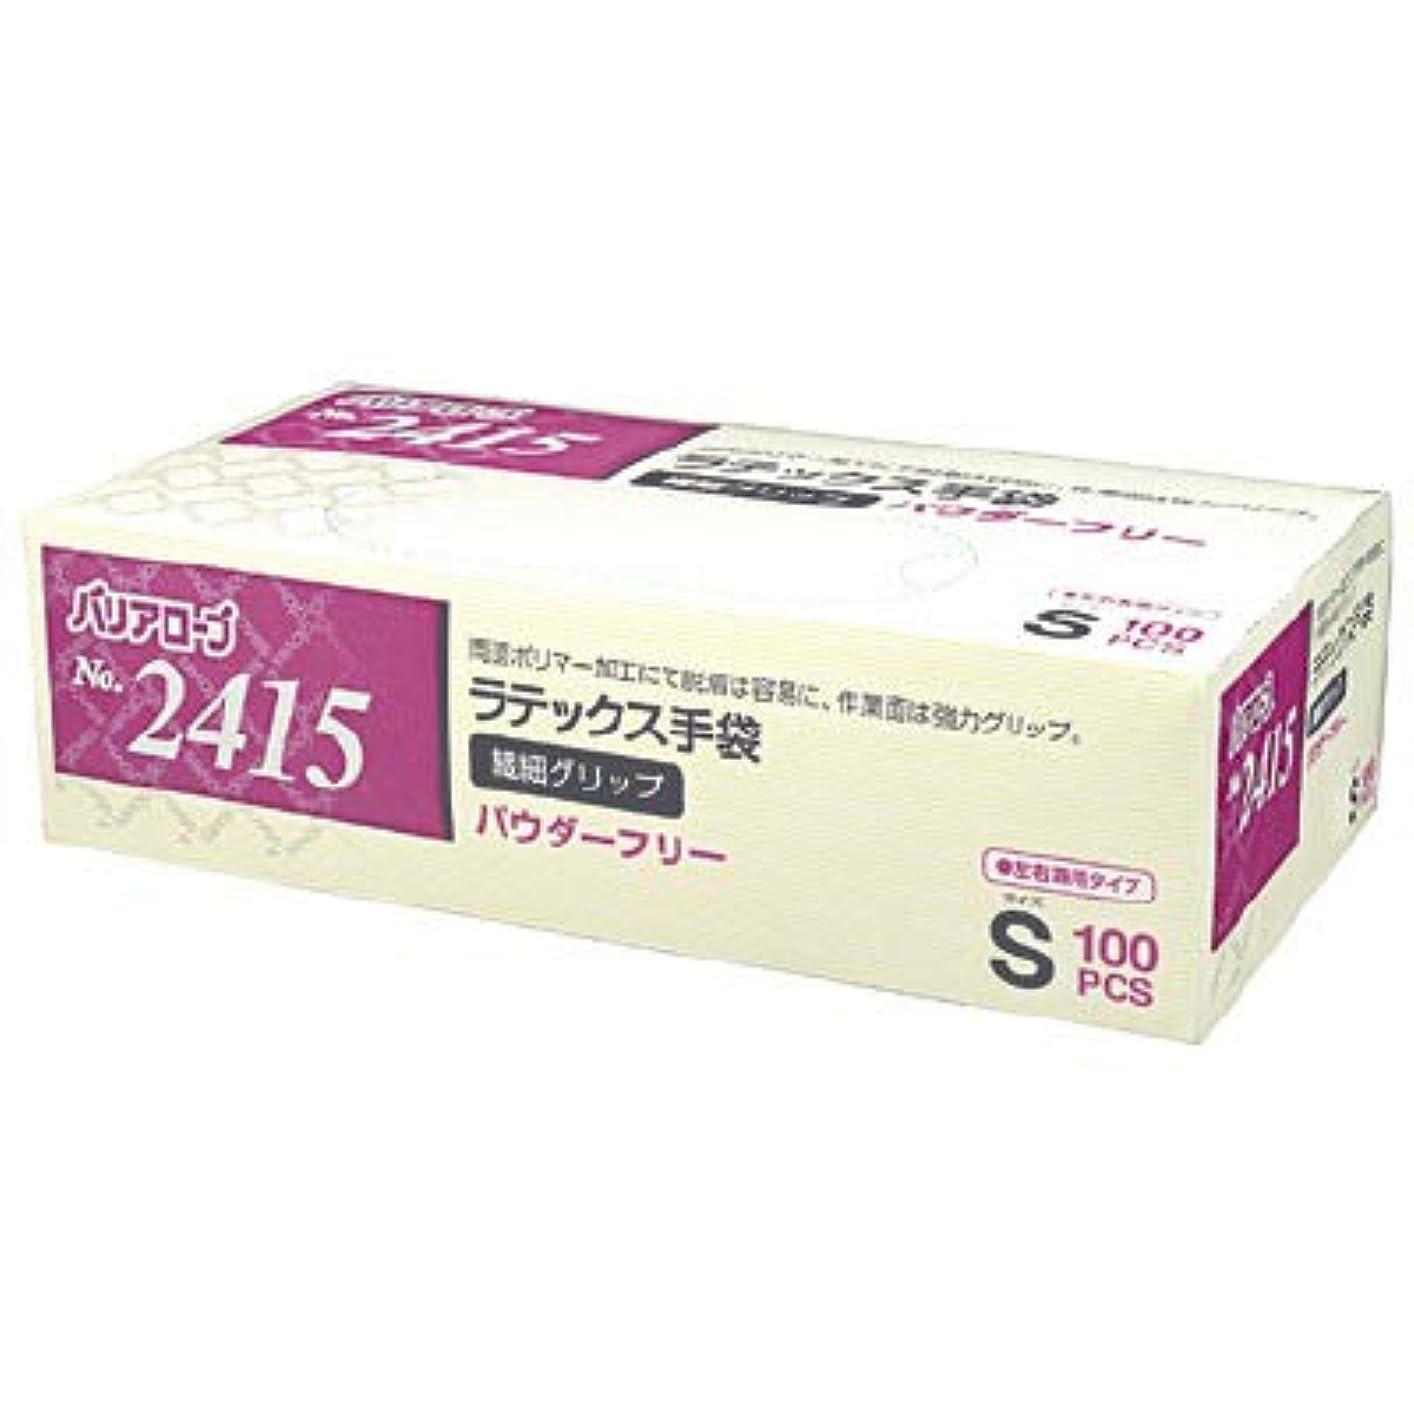 ビデオ拍車巻き取り【ケース販売】 バリアローブ №2415 ラテックス手袋 繊細グリップ (パウダーフリー) S 2000枚(100枚×20箱)